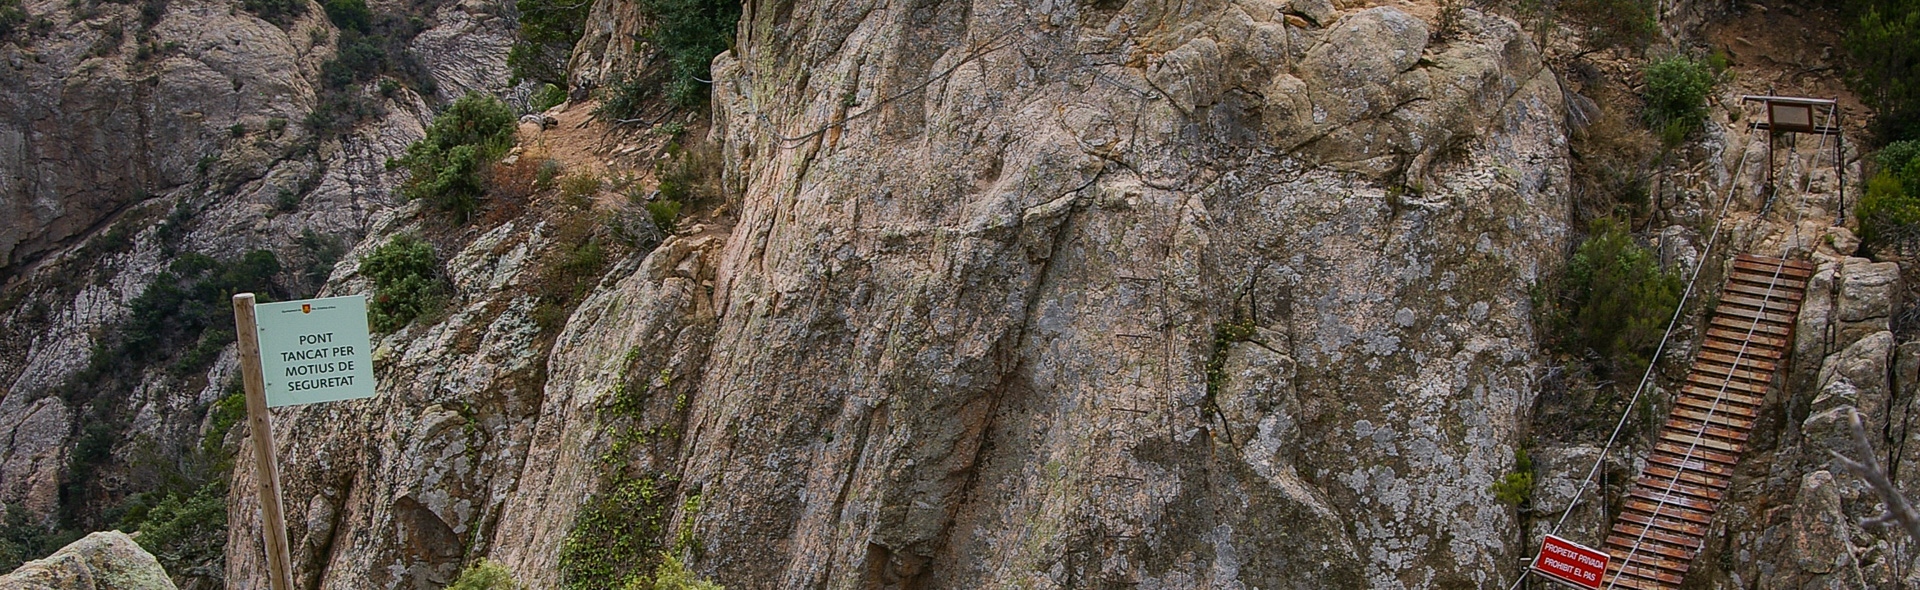 Abenteuer auf den Felsen der Ardenya